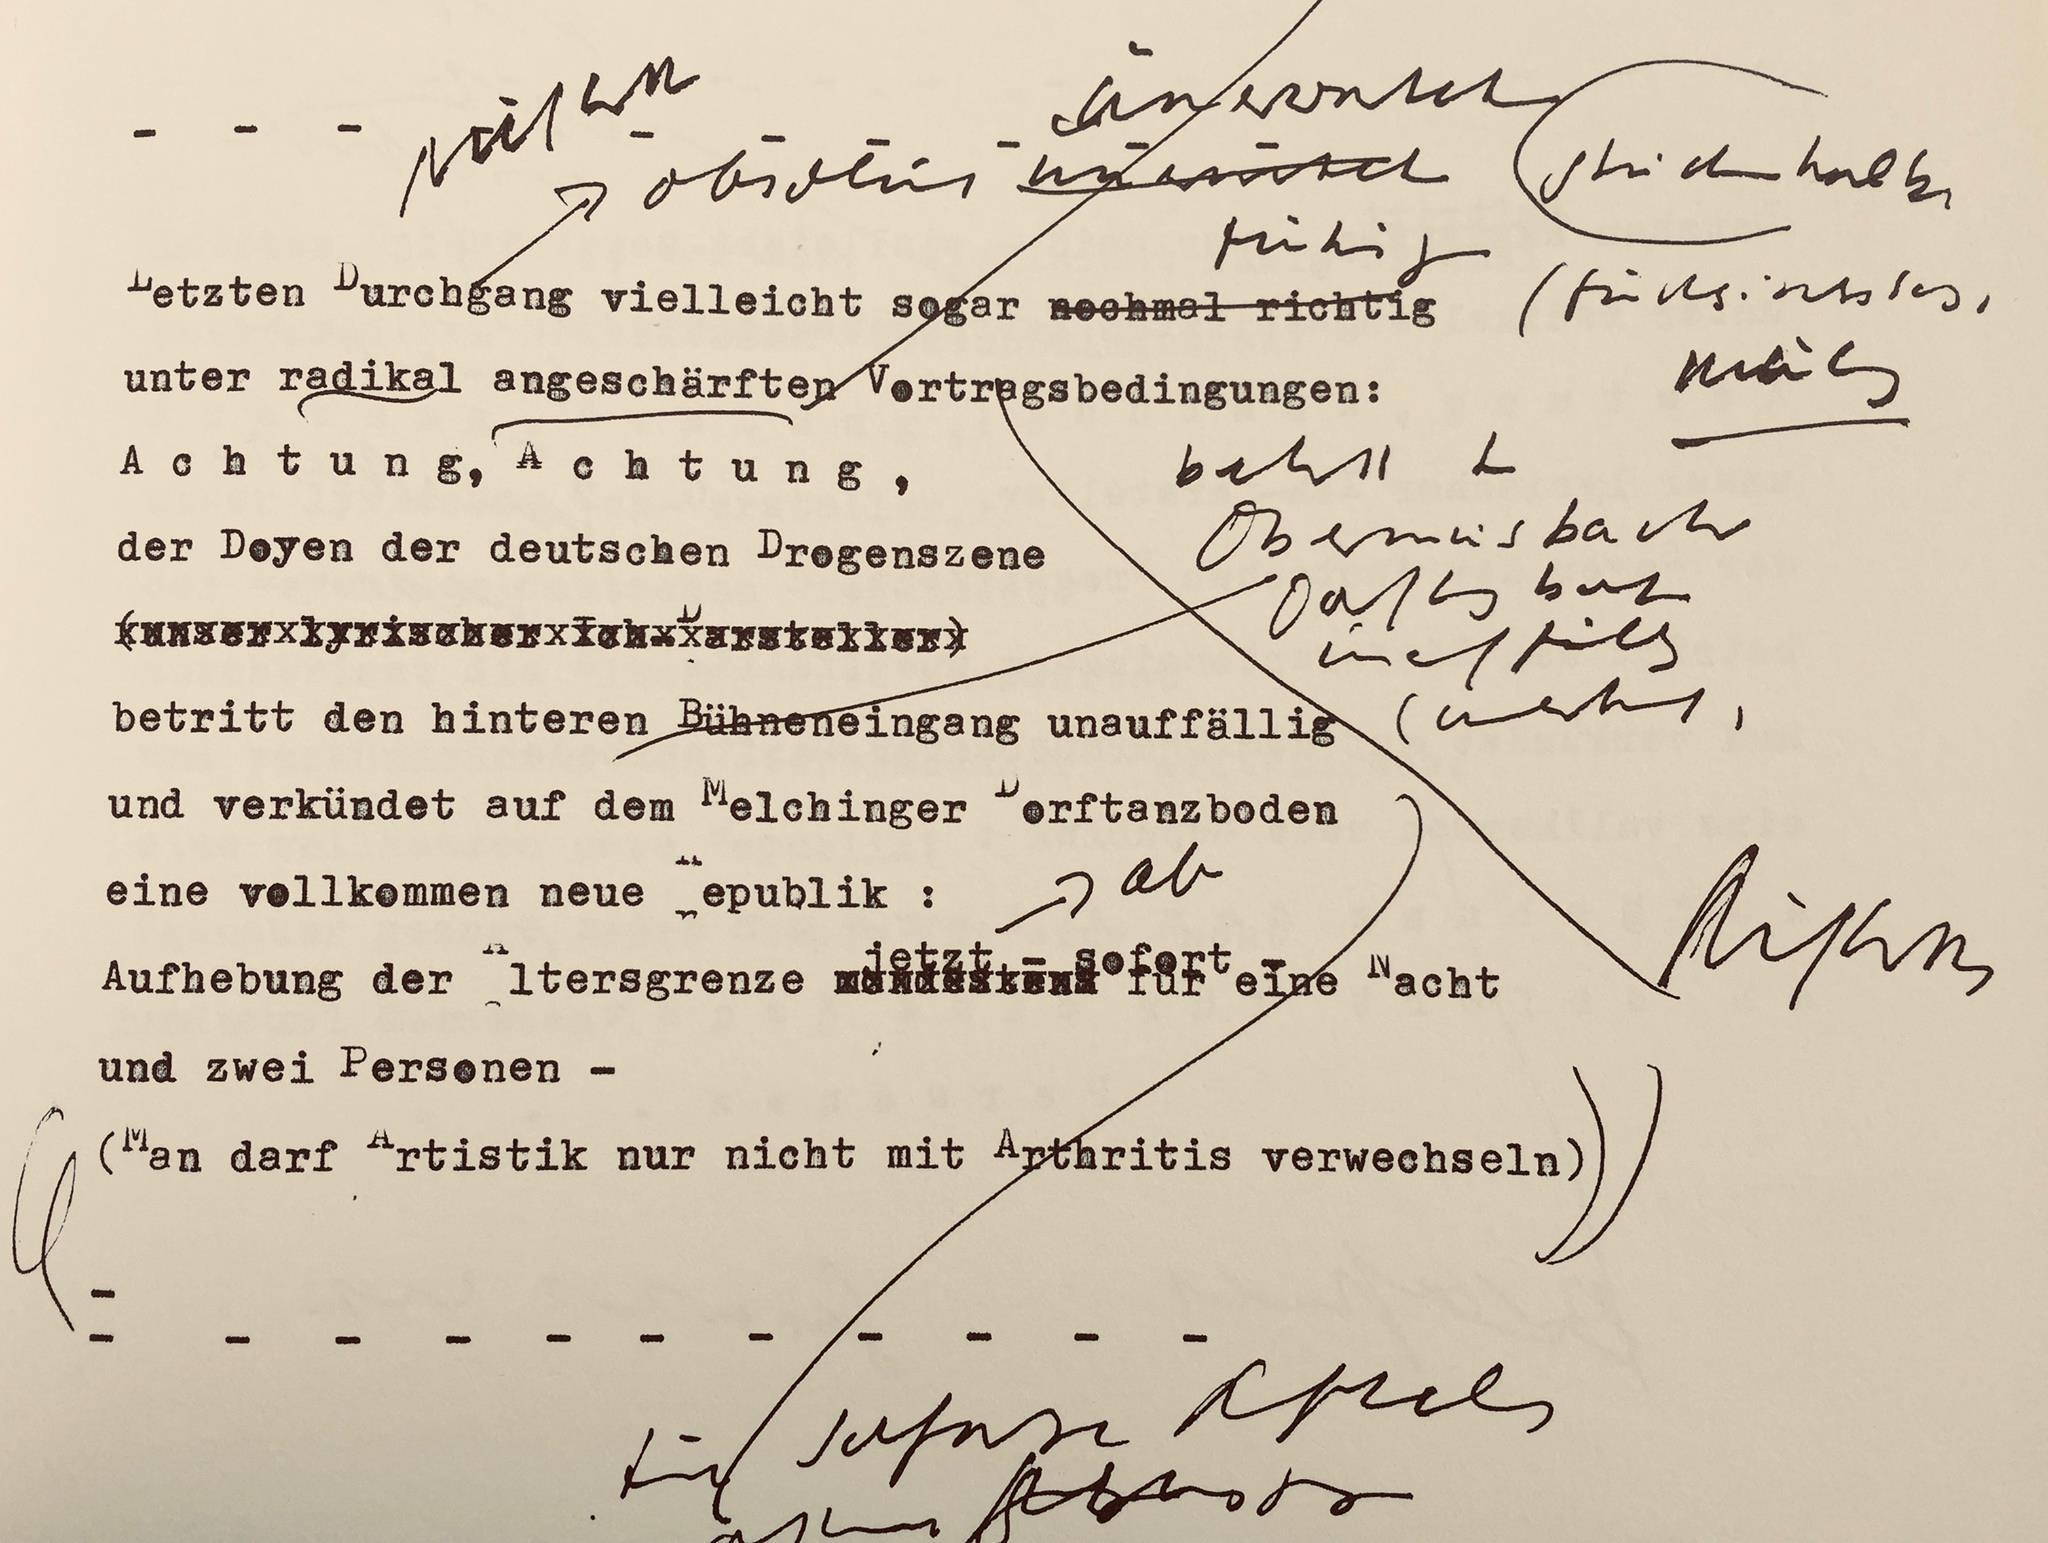 Peter Rühmkorf Symposium Dortmund Literaturhaus